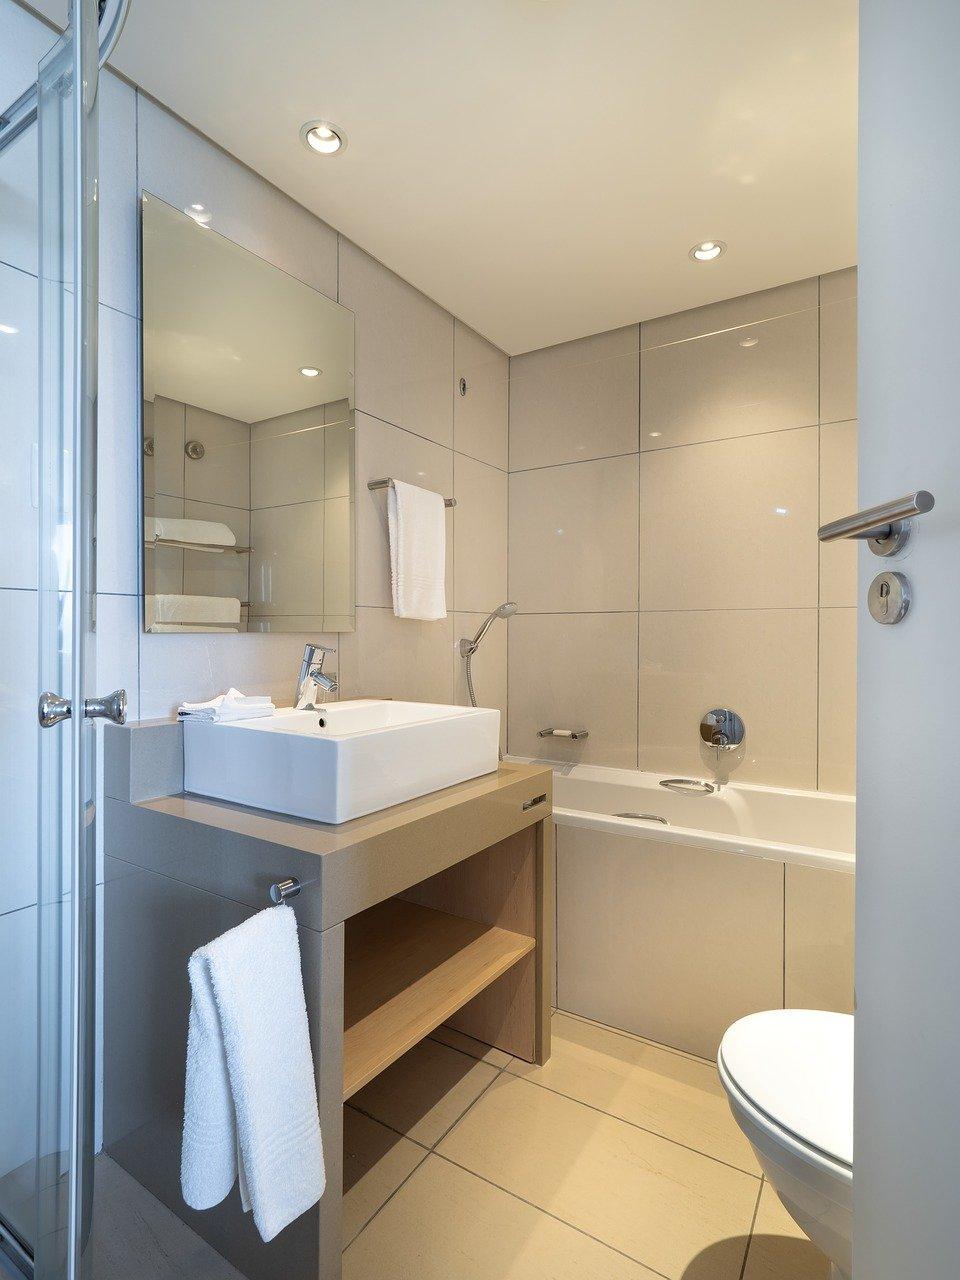 misa WC z bidetem, WC z funkcją bidetu, toaleta myjąca z bidetem